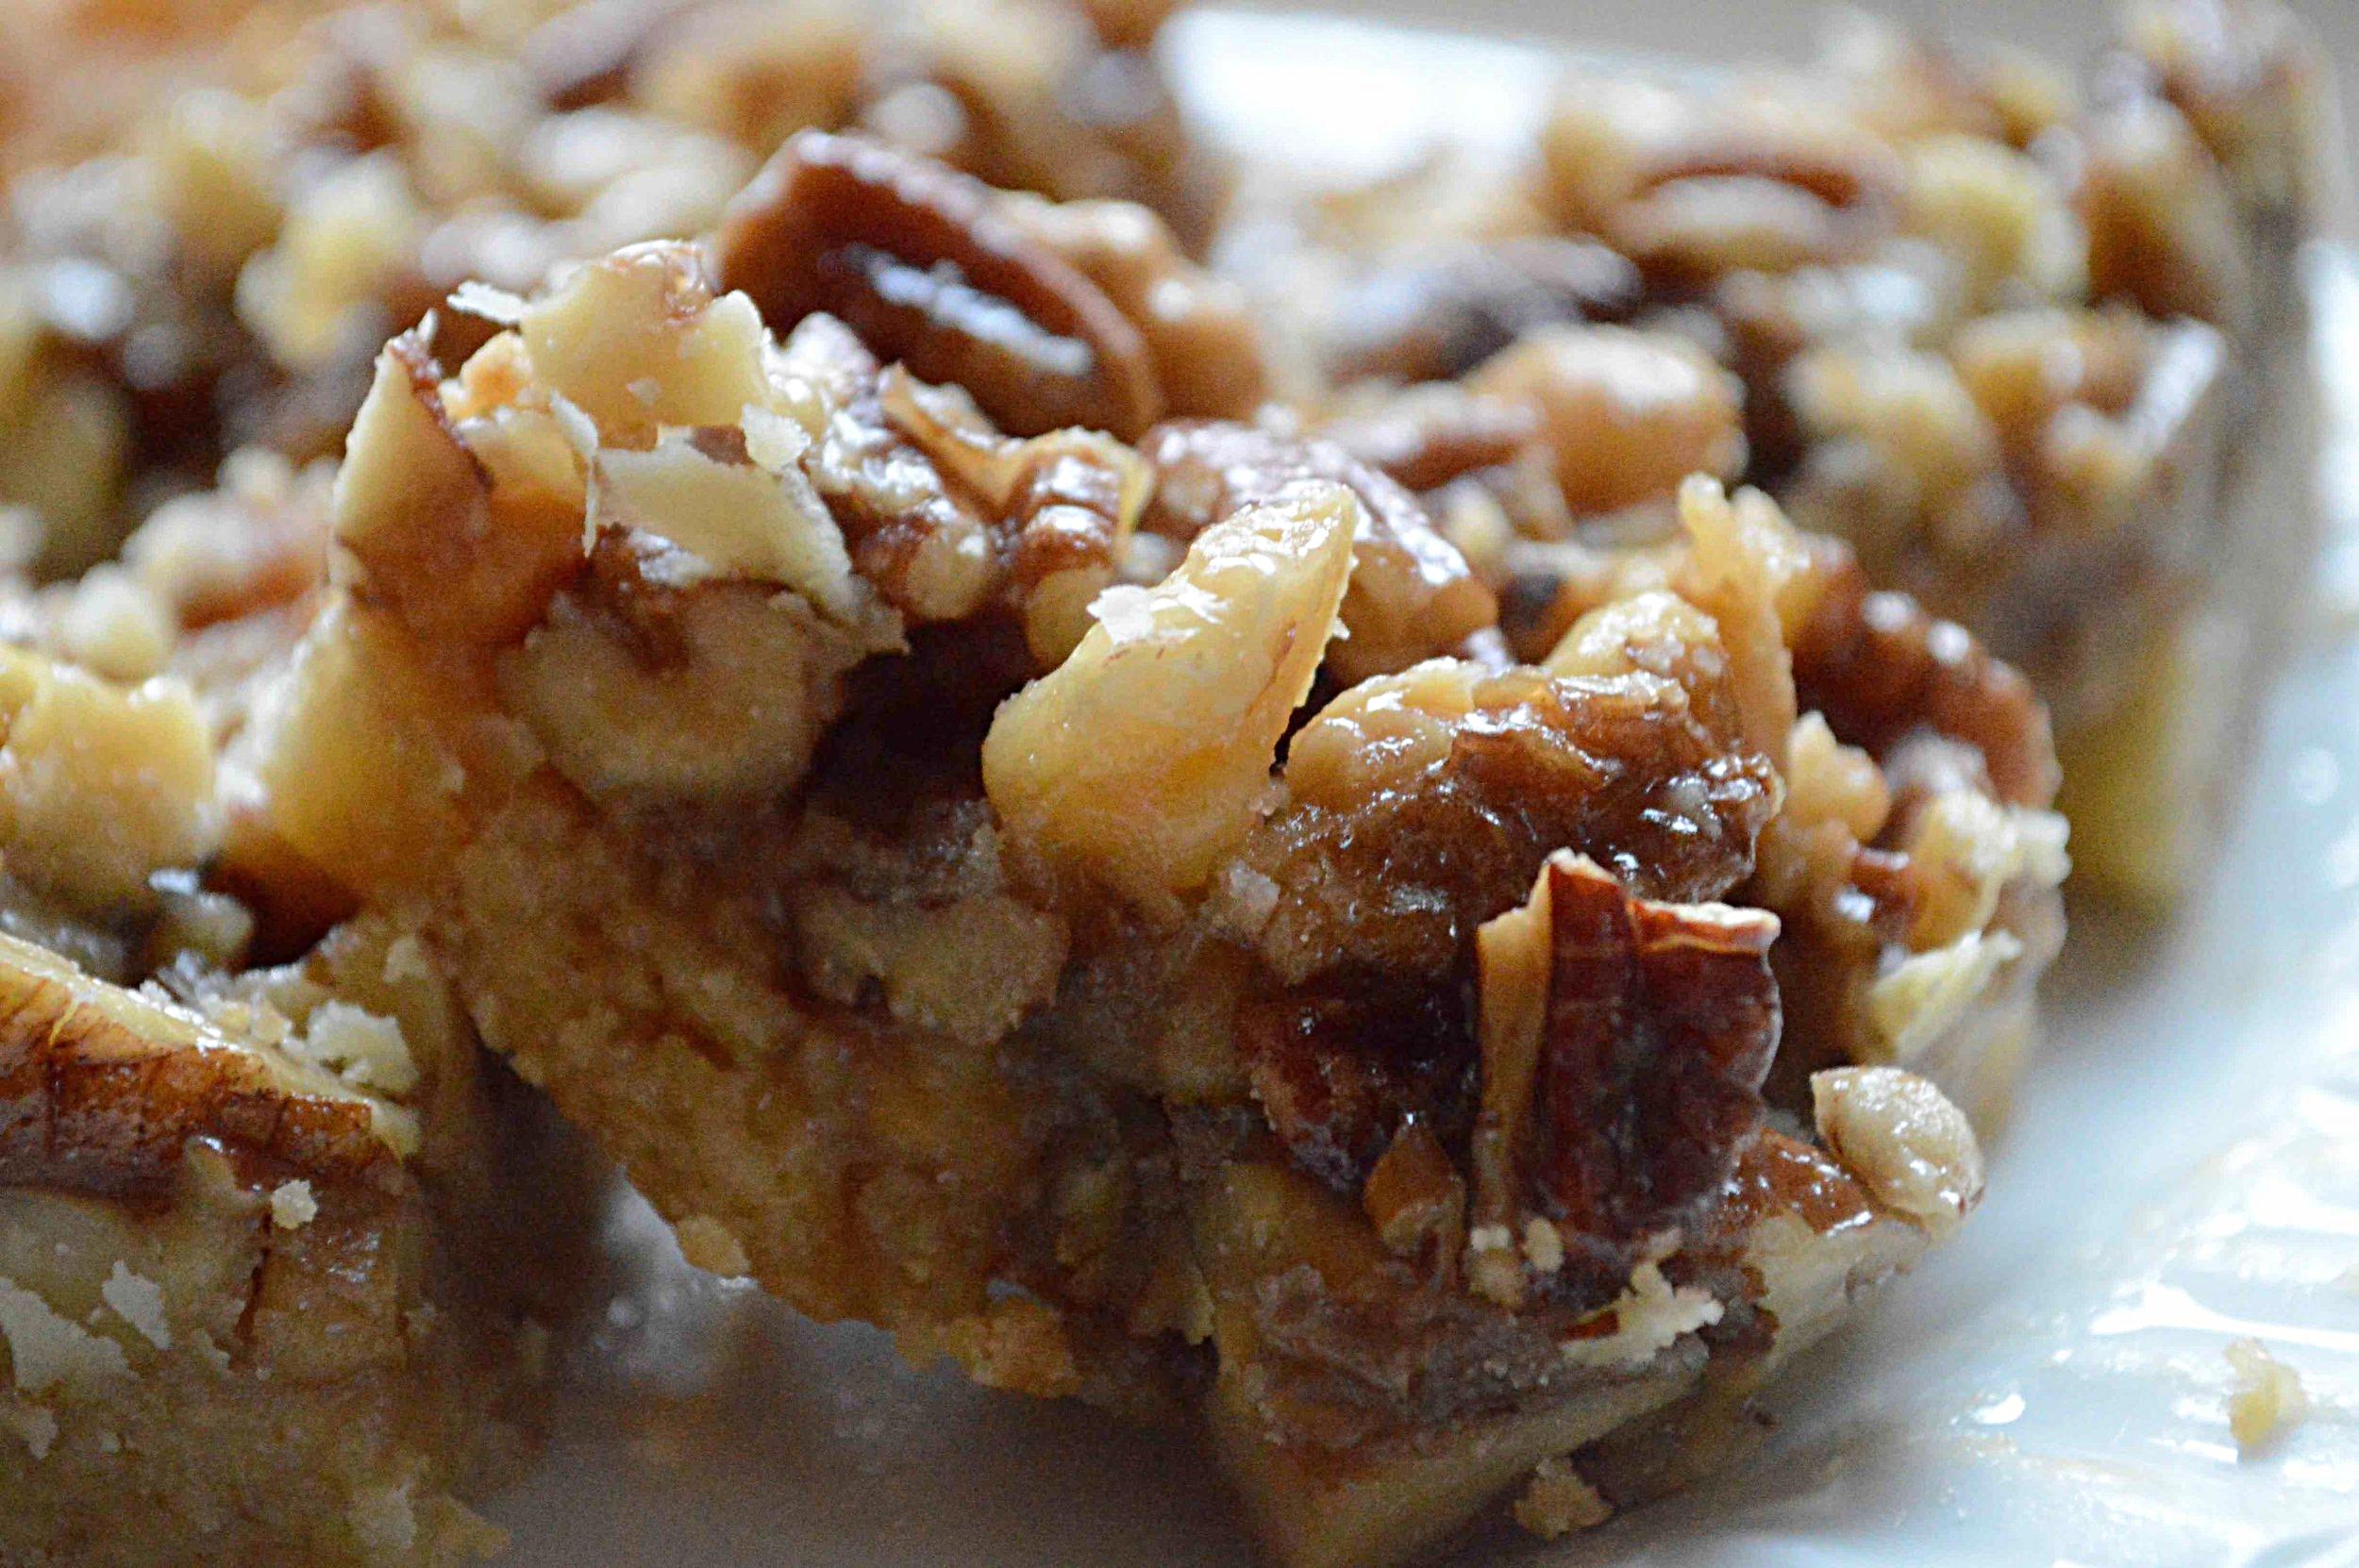 Sticky Maple Nut Bars